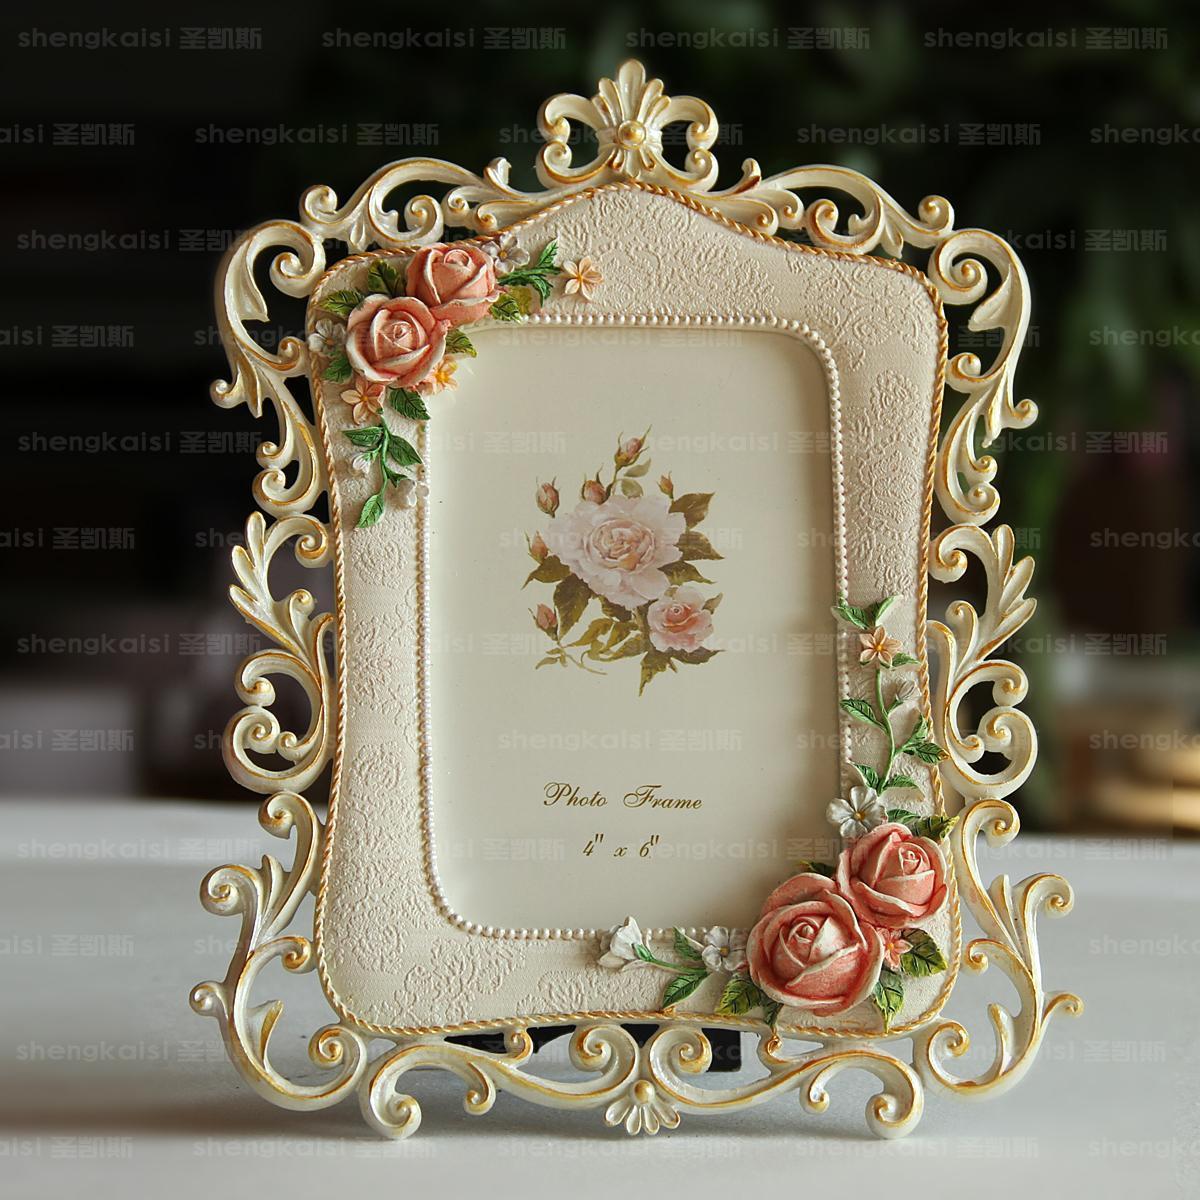 6寸7寸田園彩繪樹脂相框 工藝 擺台 婚紗照相架S02